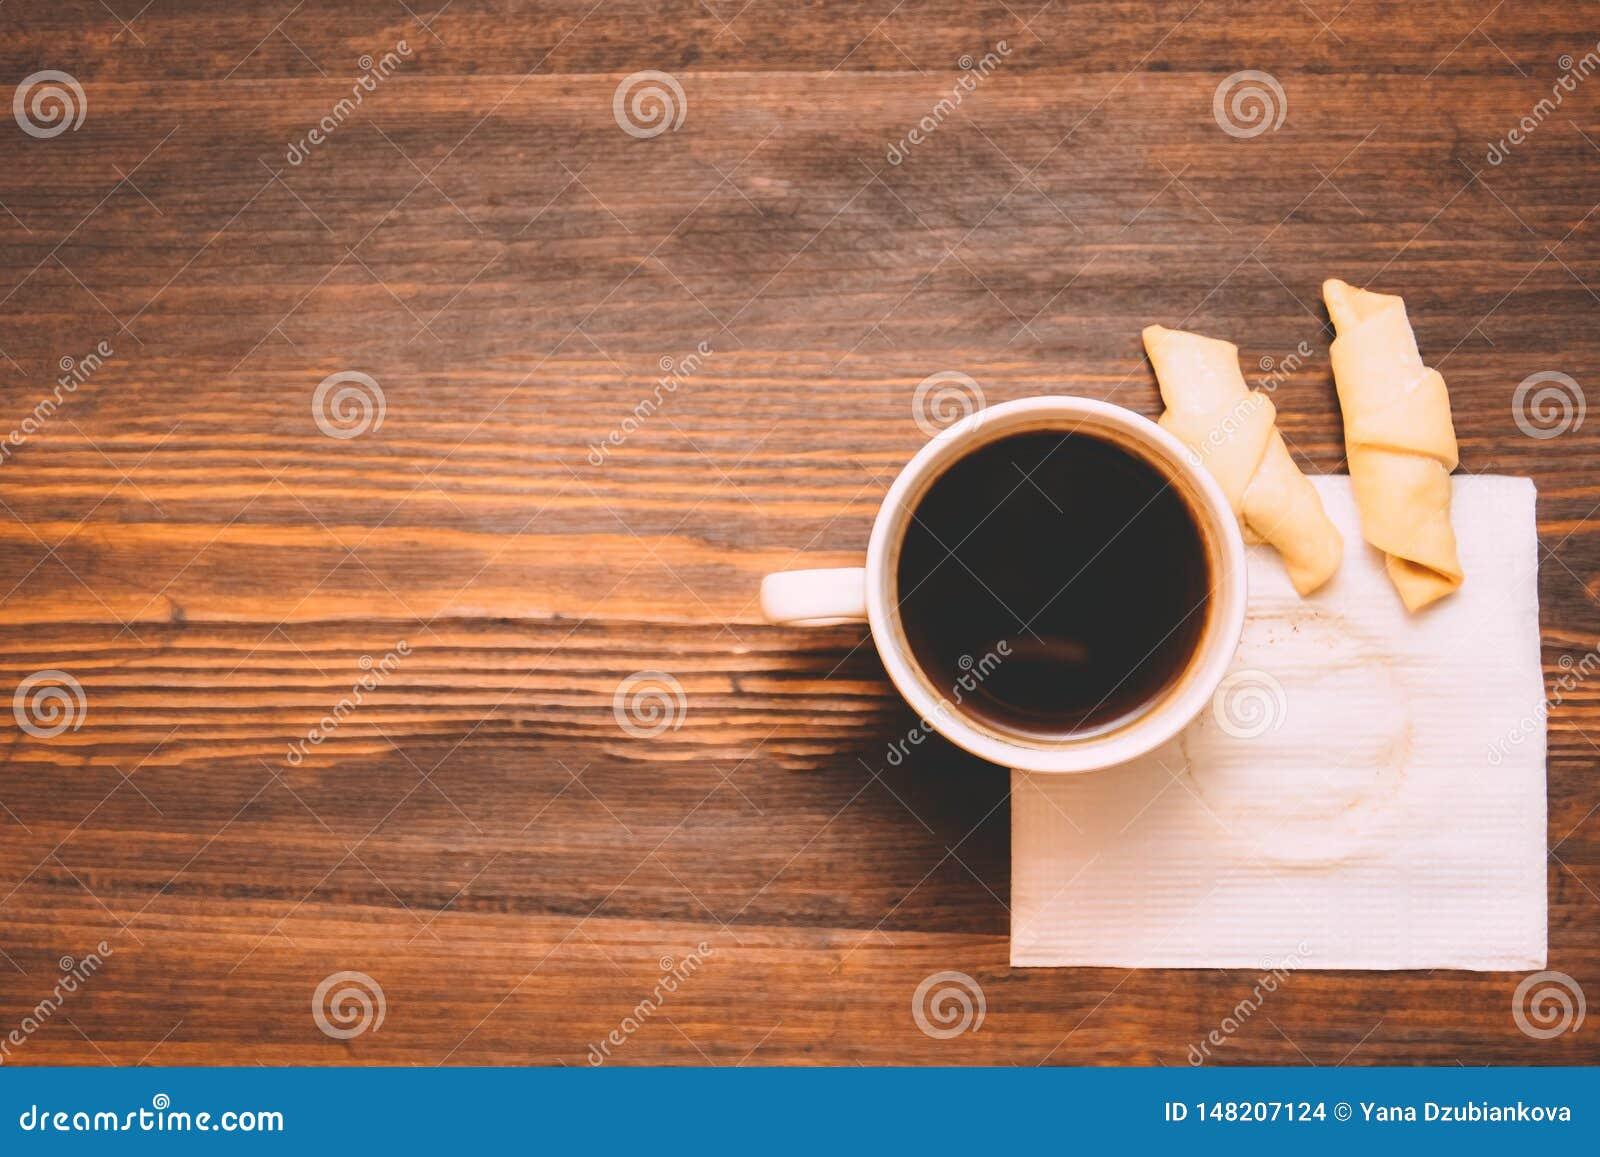 Kop van koffie op een wit servet met koekjes op een houten achtergrond